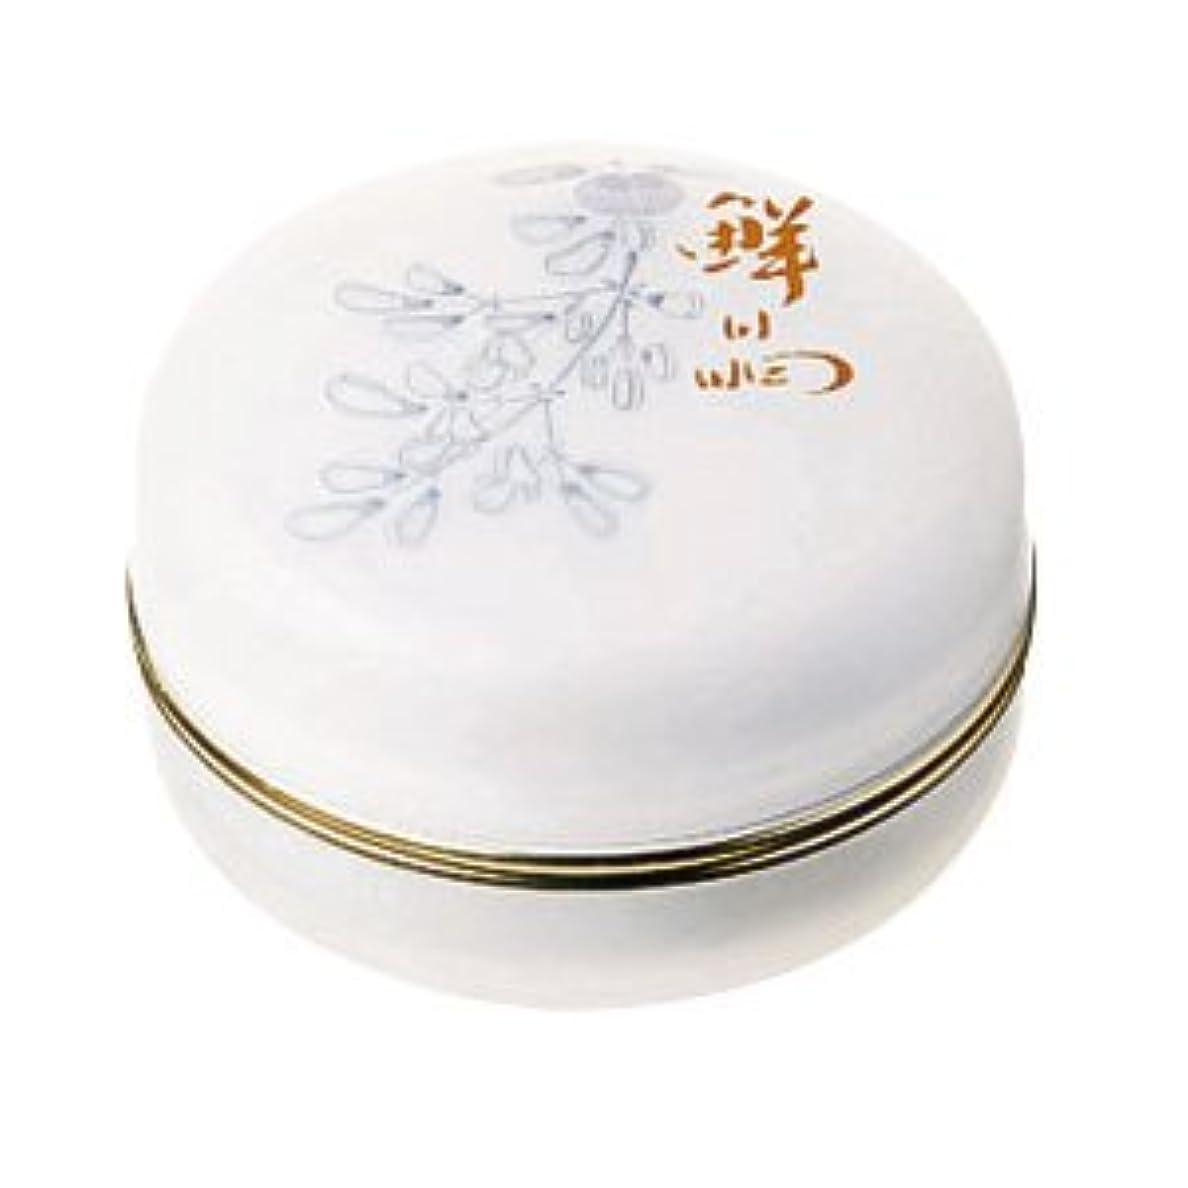 メドレーシャットマークオッペン 薬用妙 薬用鮮晶(せんしょう)<医薬部外品>(80g)